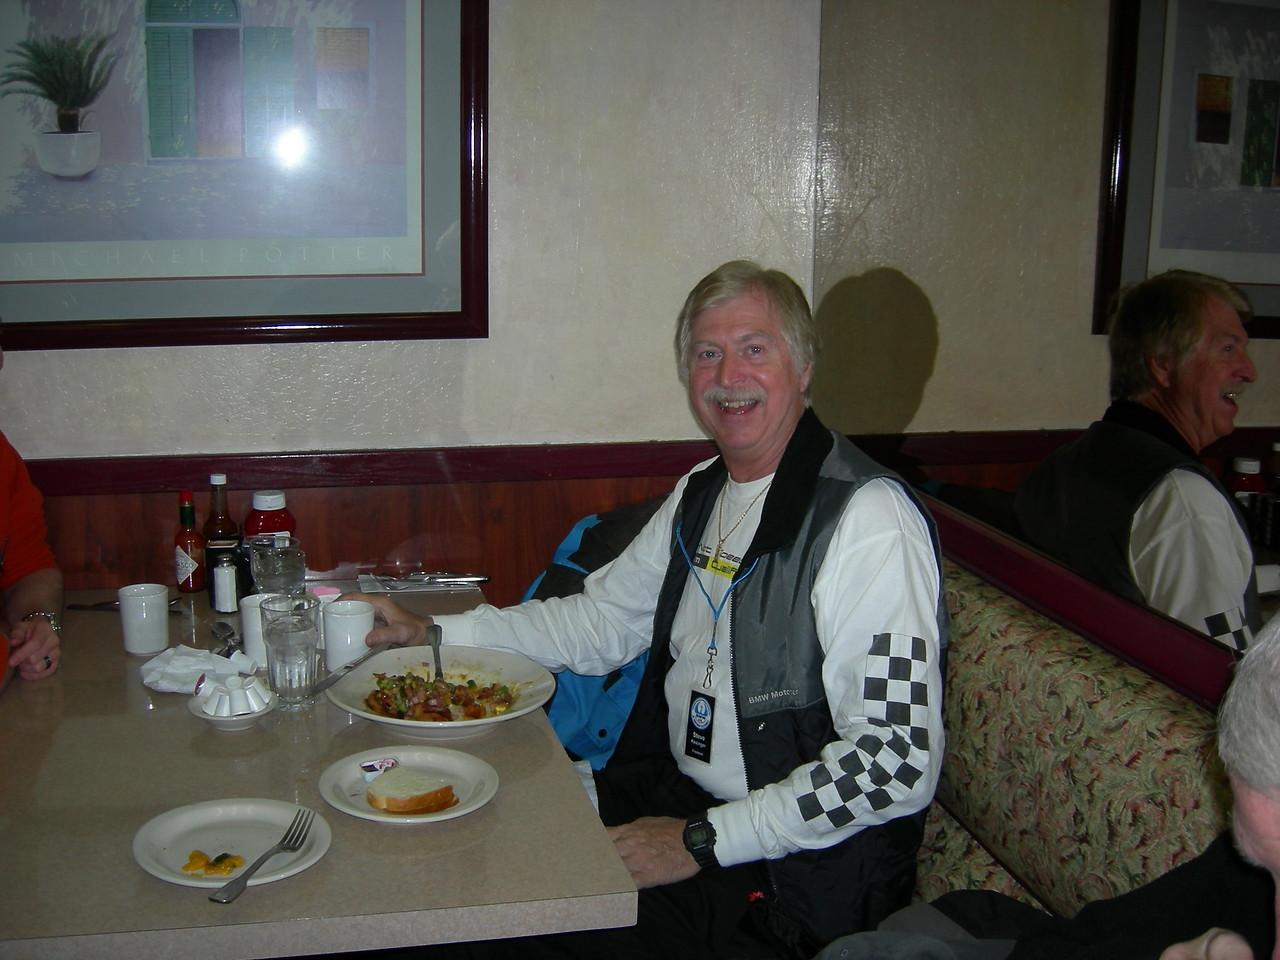 Steve Kesinger having breakfast at Bill's Café.